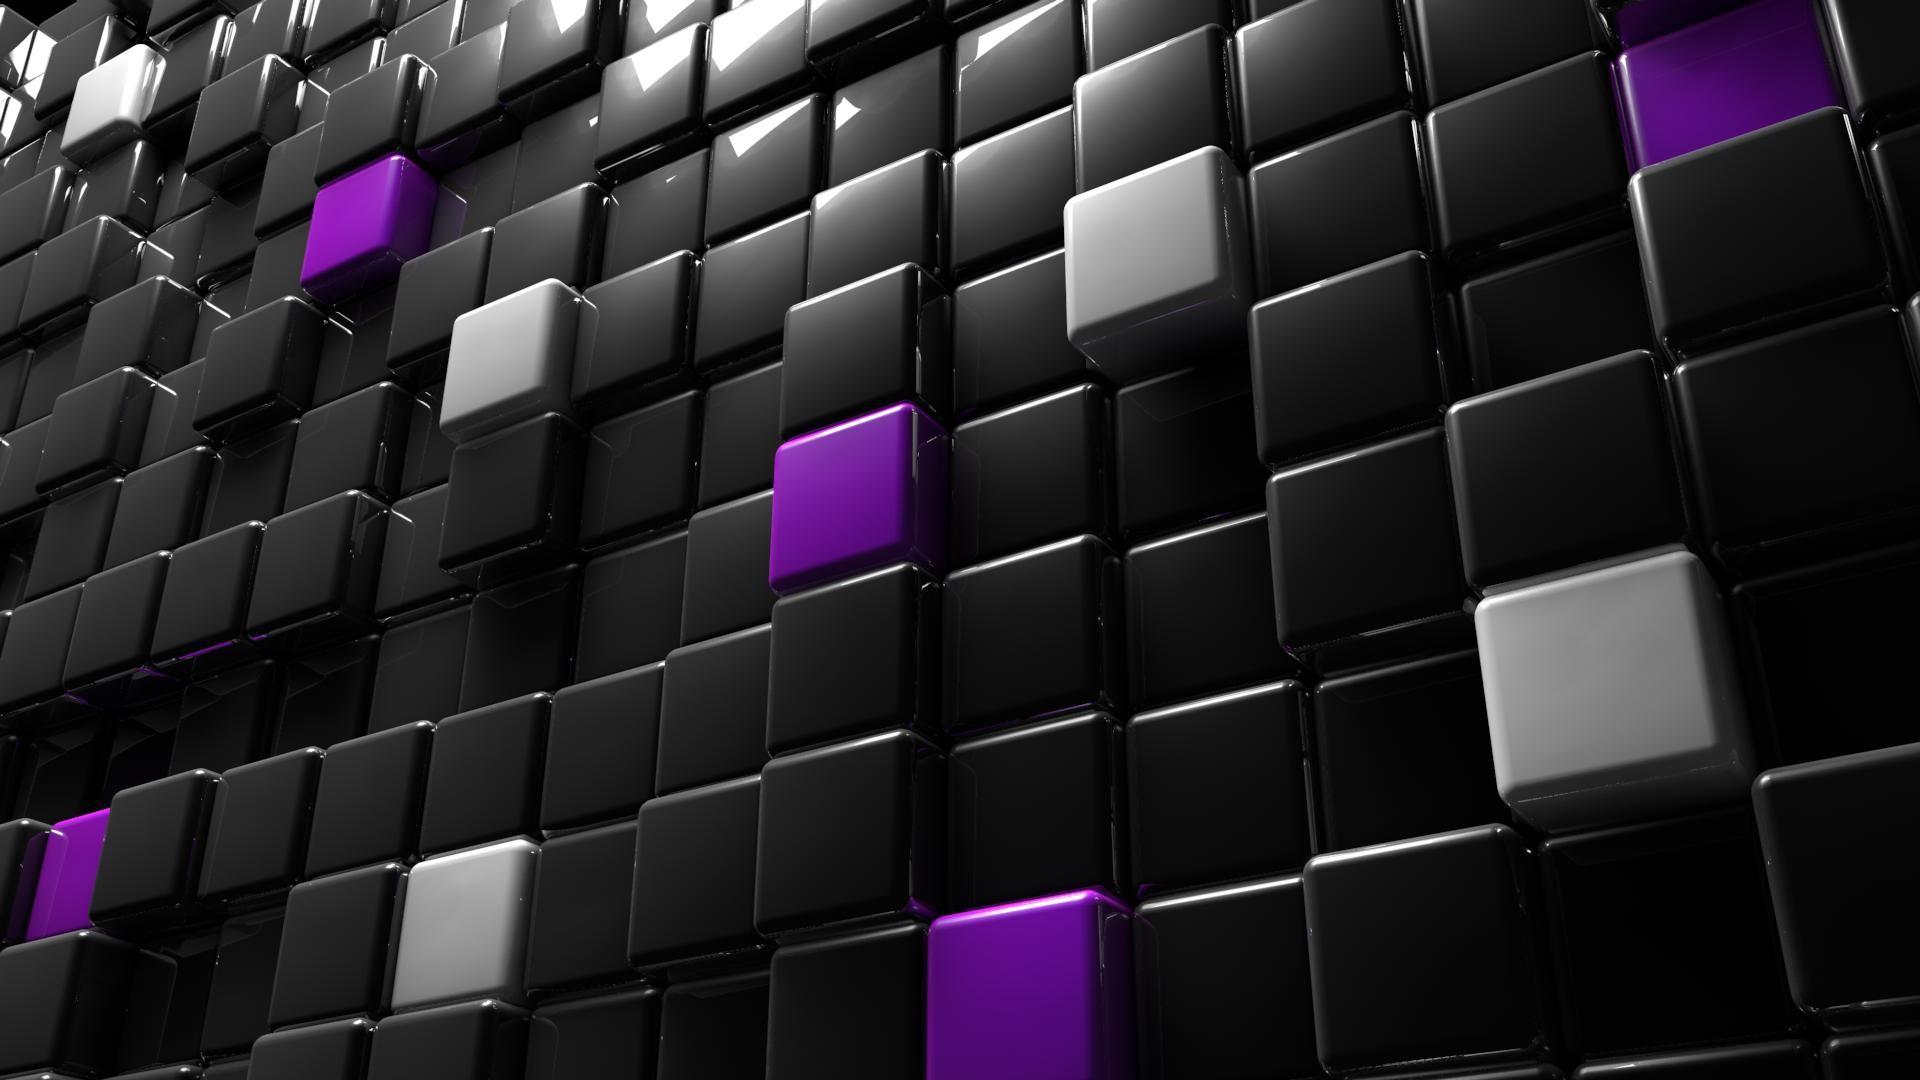 графика 3D кубы цветы graphics Cuba flowers  № 3739401 загрузить